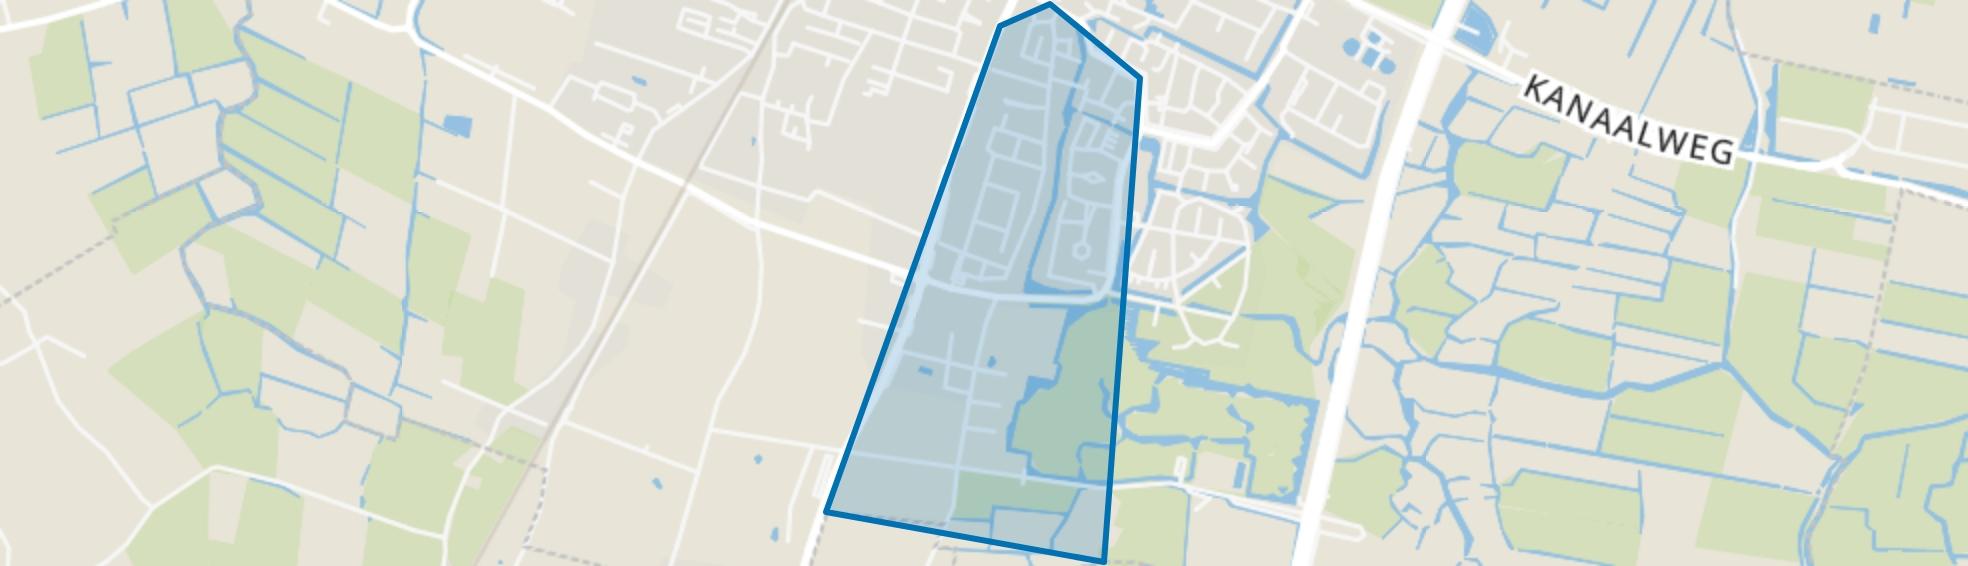 Oosterzij, Heiloo map